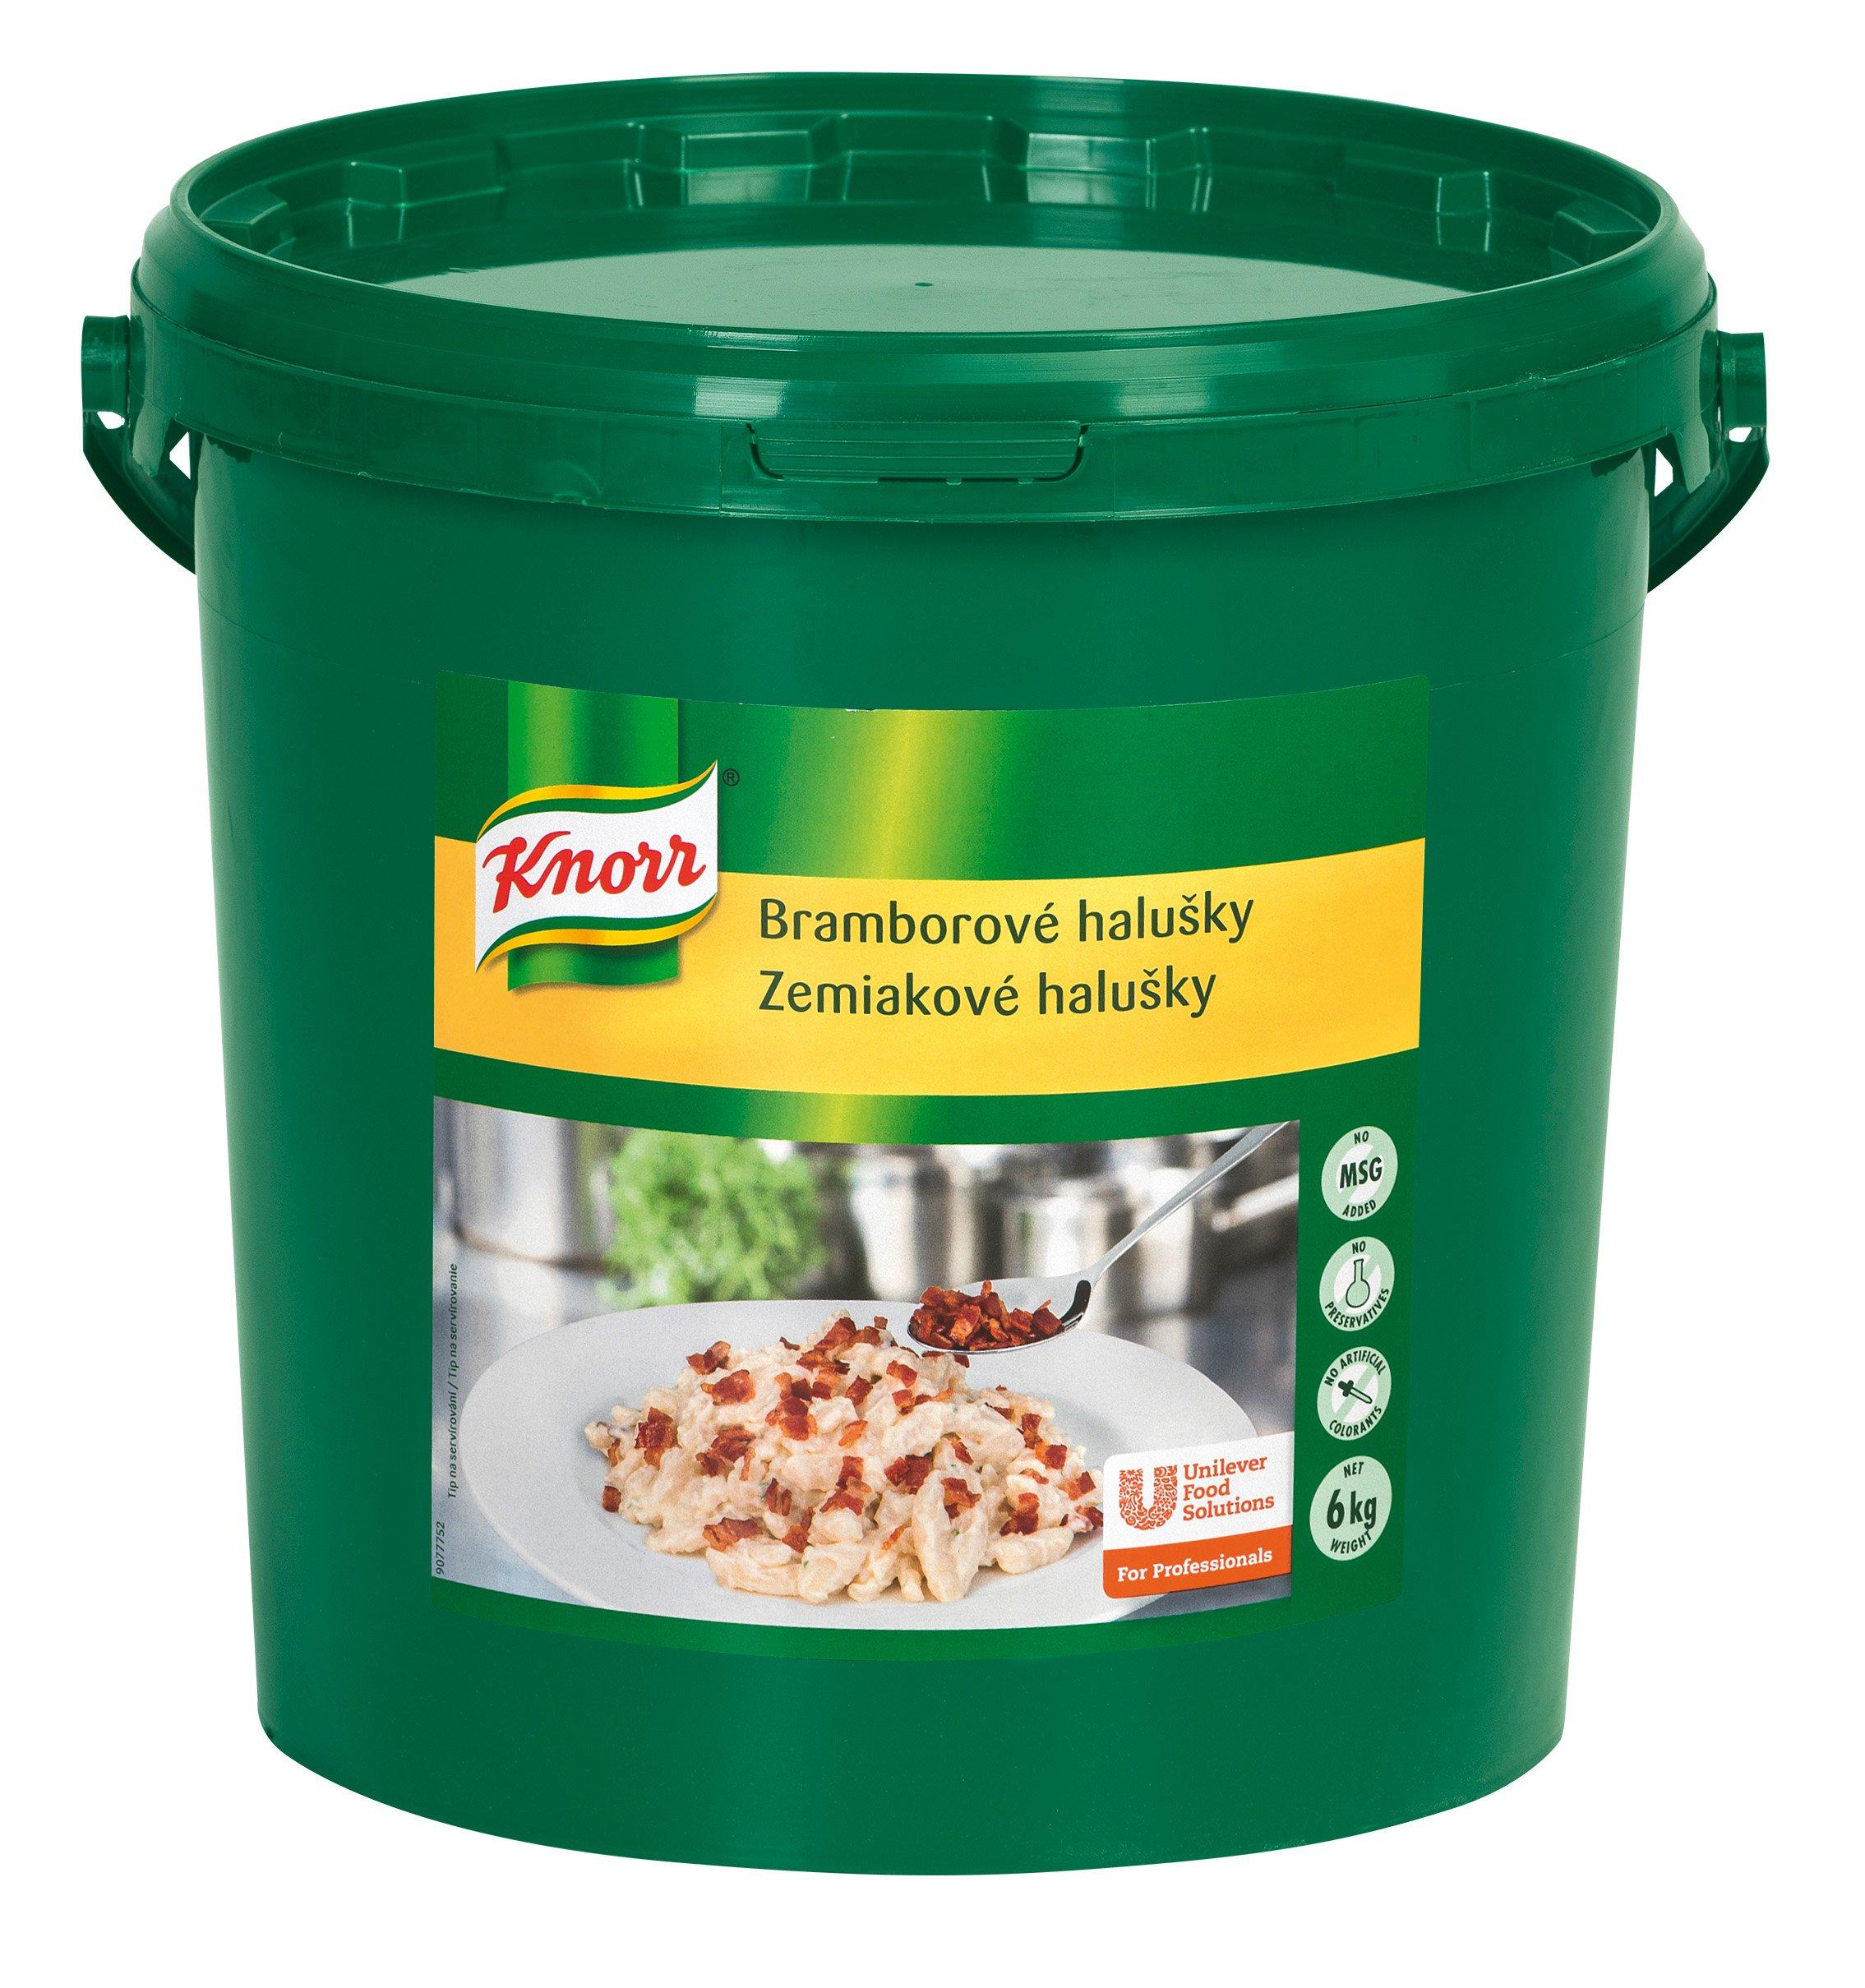 Knorr Bramborové halušky 6 kg -